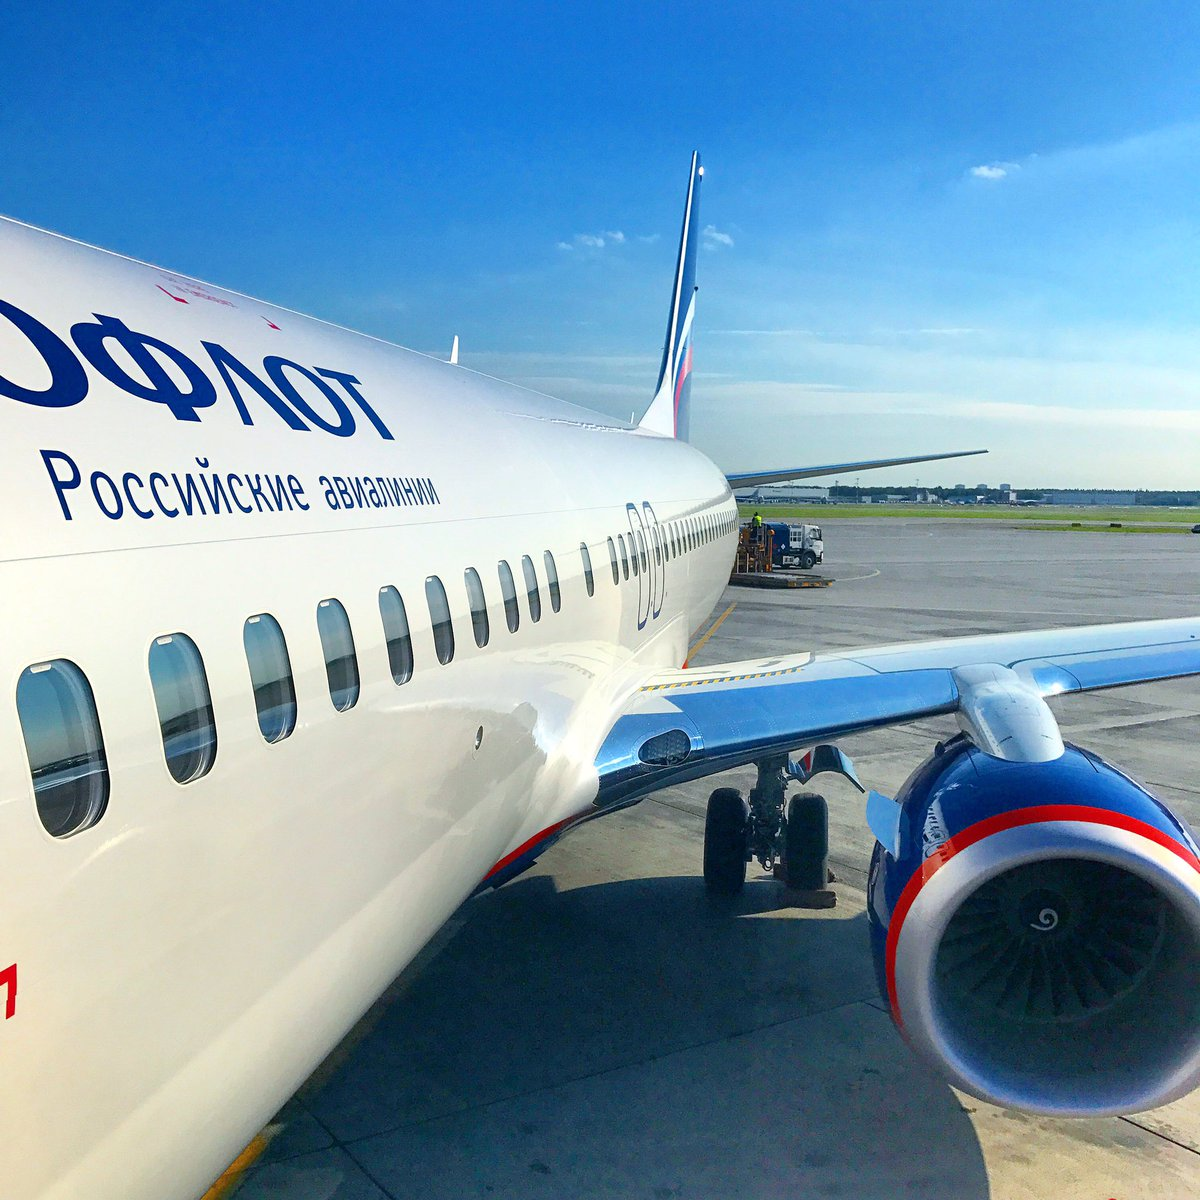 Аэрофлот рейс Москва  Париж  расписание рейсов в Париж